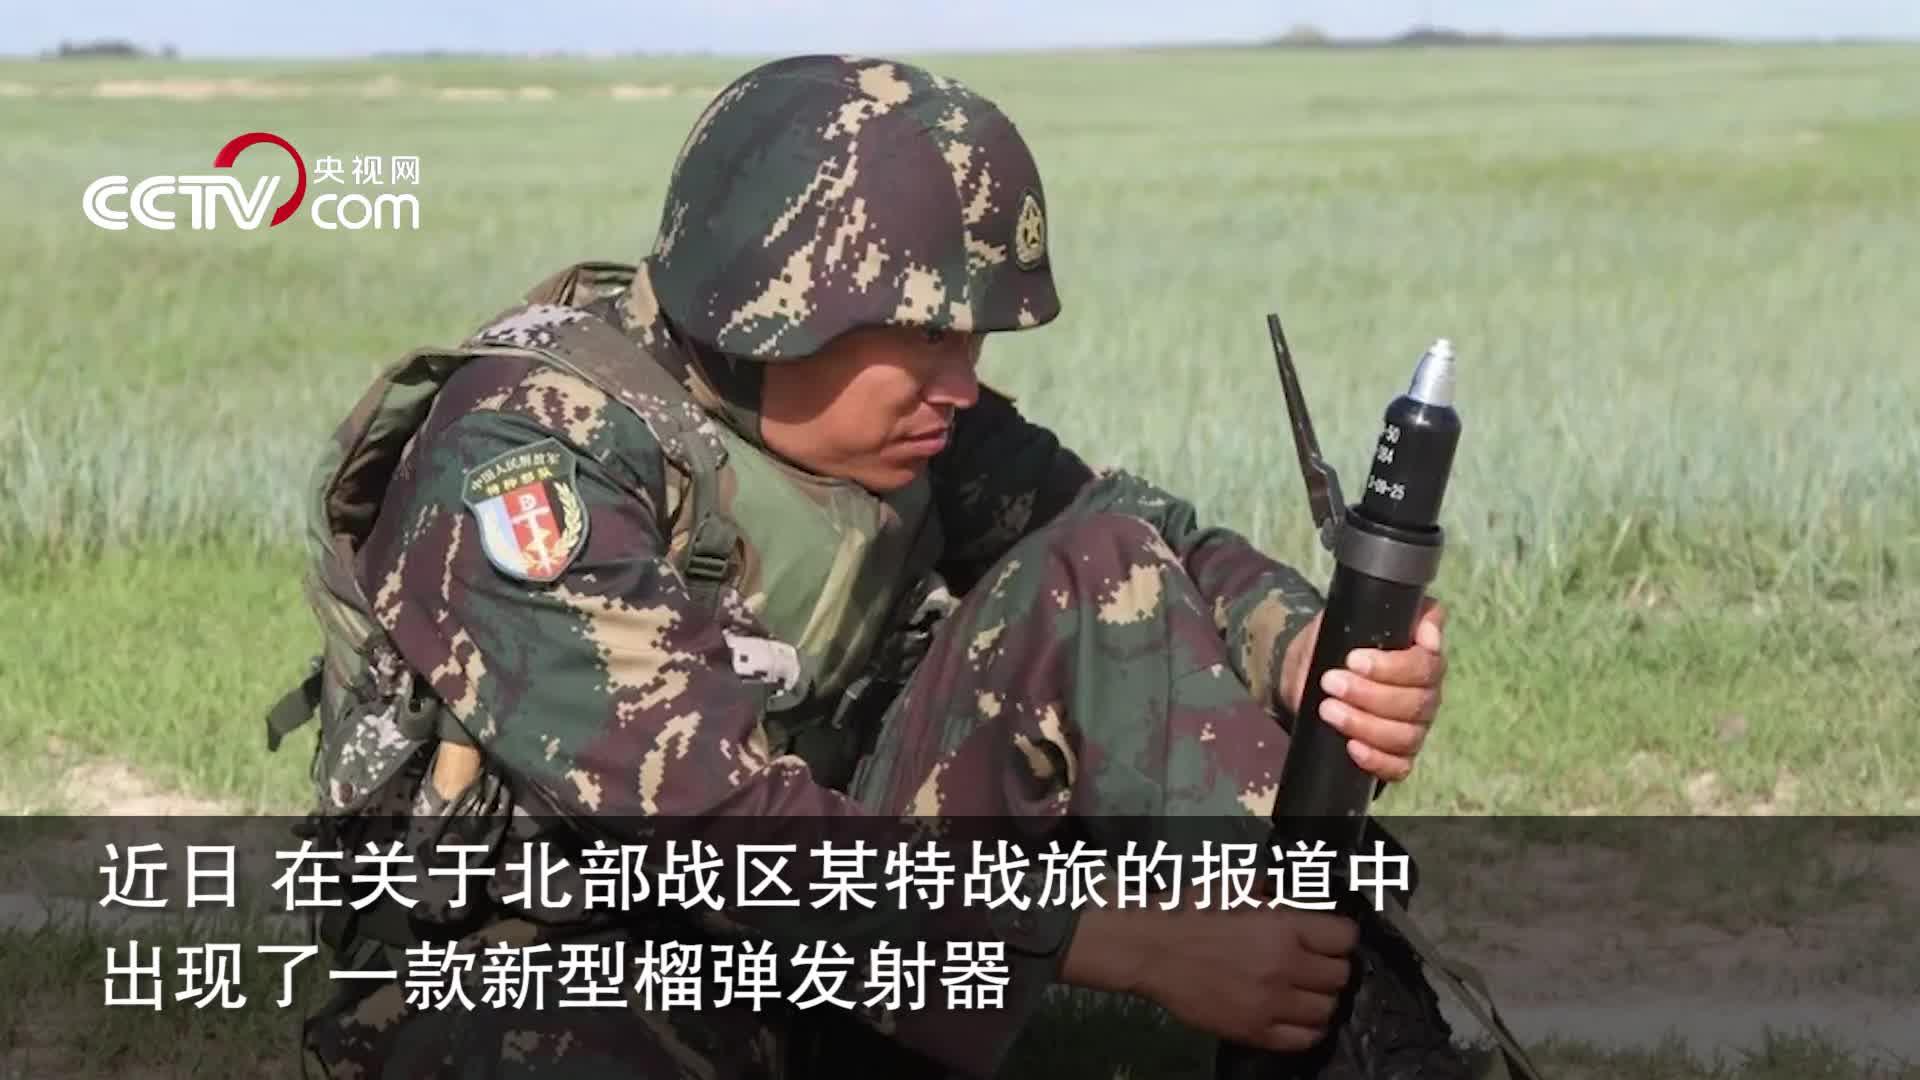 [视频]酷炫新玩具!解放军单兵榴弹发射器曝光 外形酷似掷弹筒